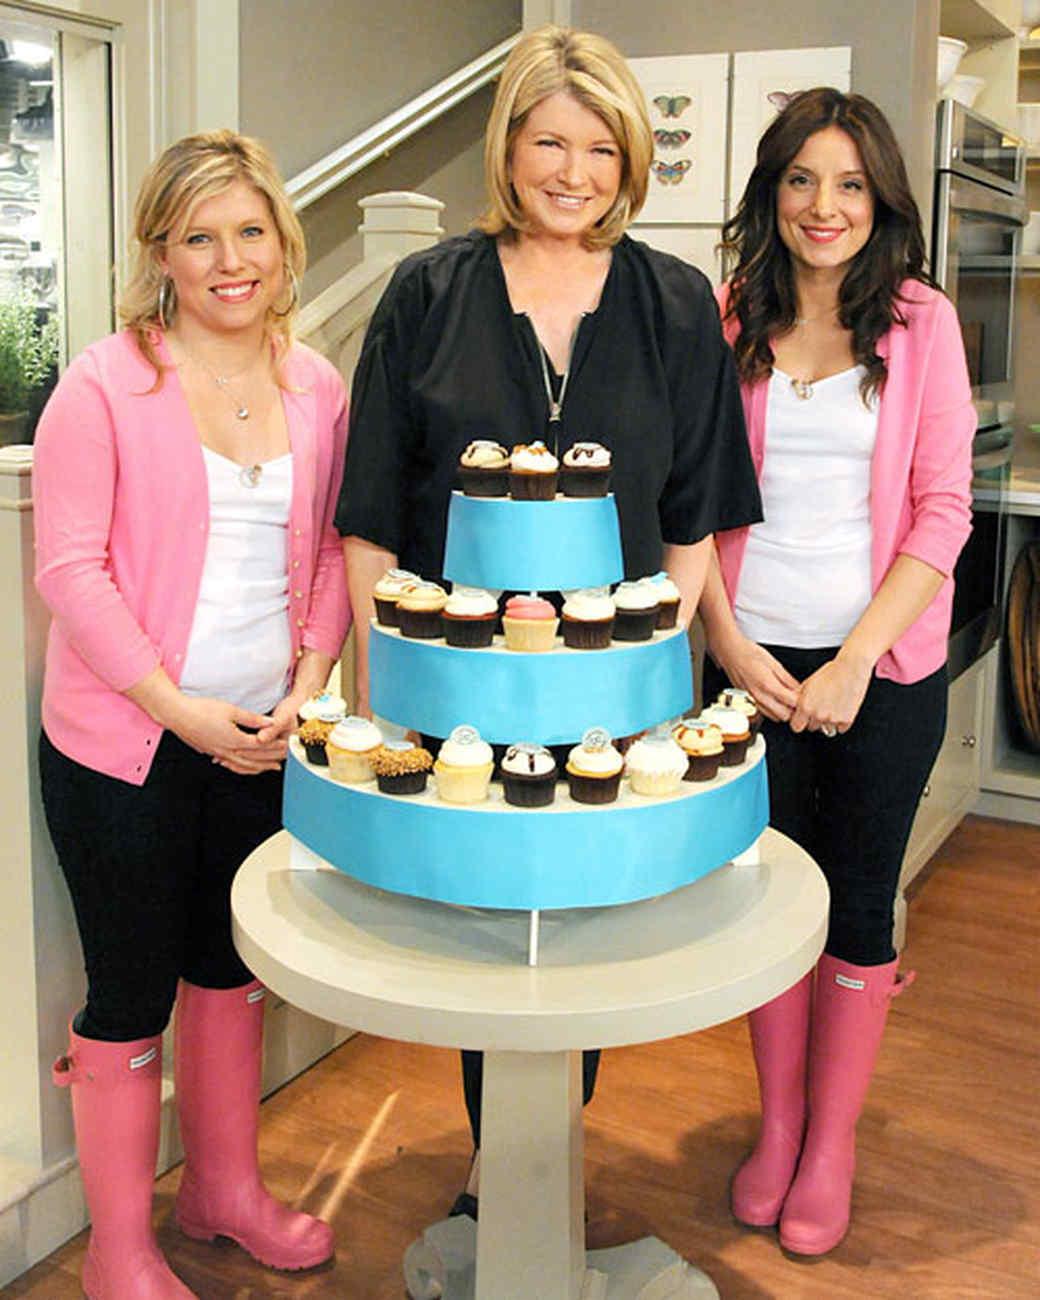 6102_051511_sisters_cupcake_tower.jpg